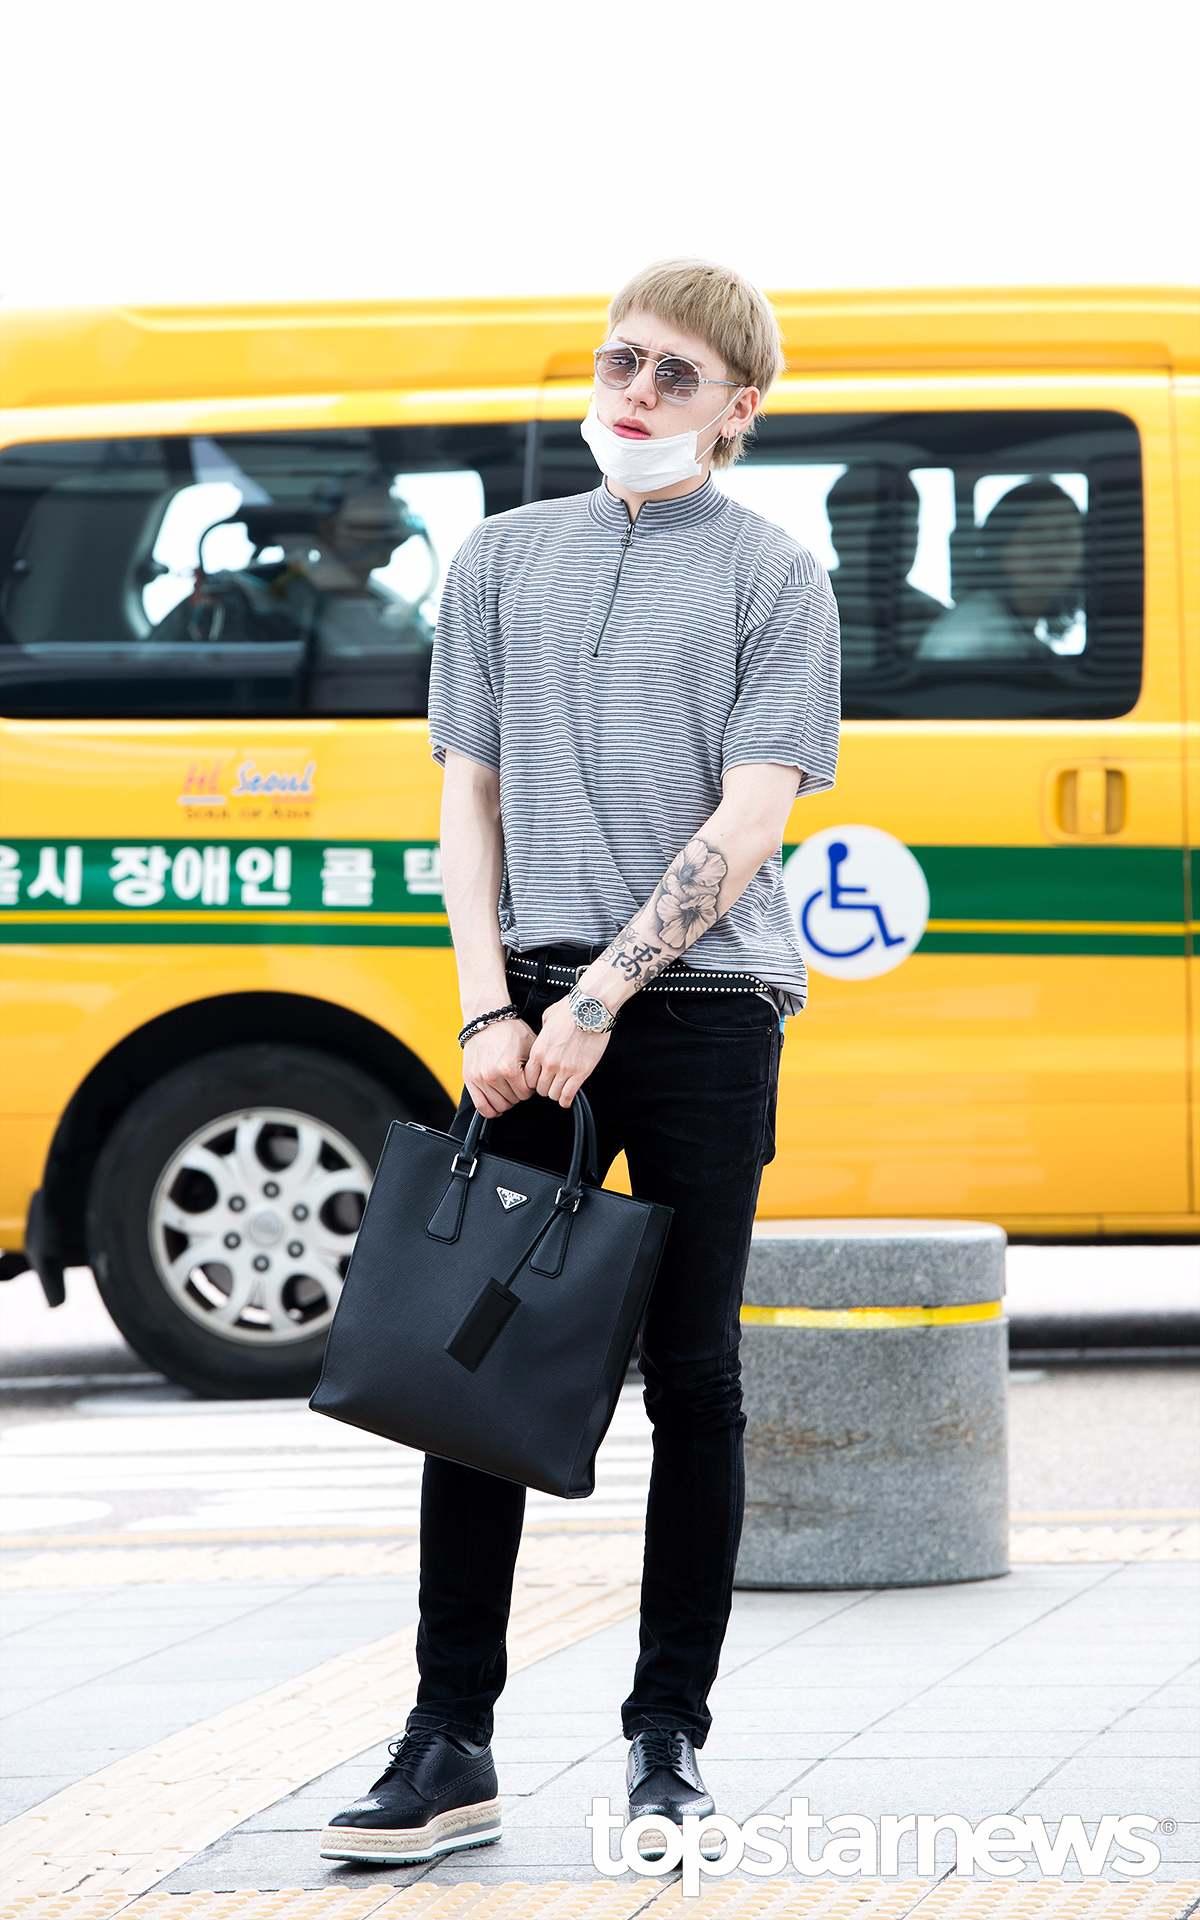 左前臂外側的紋身則是韓國的國花—無窮花,Zico曾到中國、日本、加拿大三個國家留學過,但最後還是選擇回國的Zico,一定是非常愛自己的國家吧!